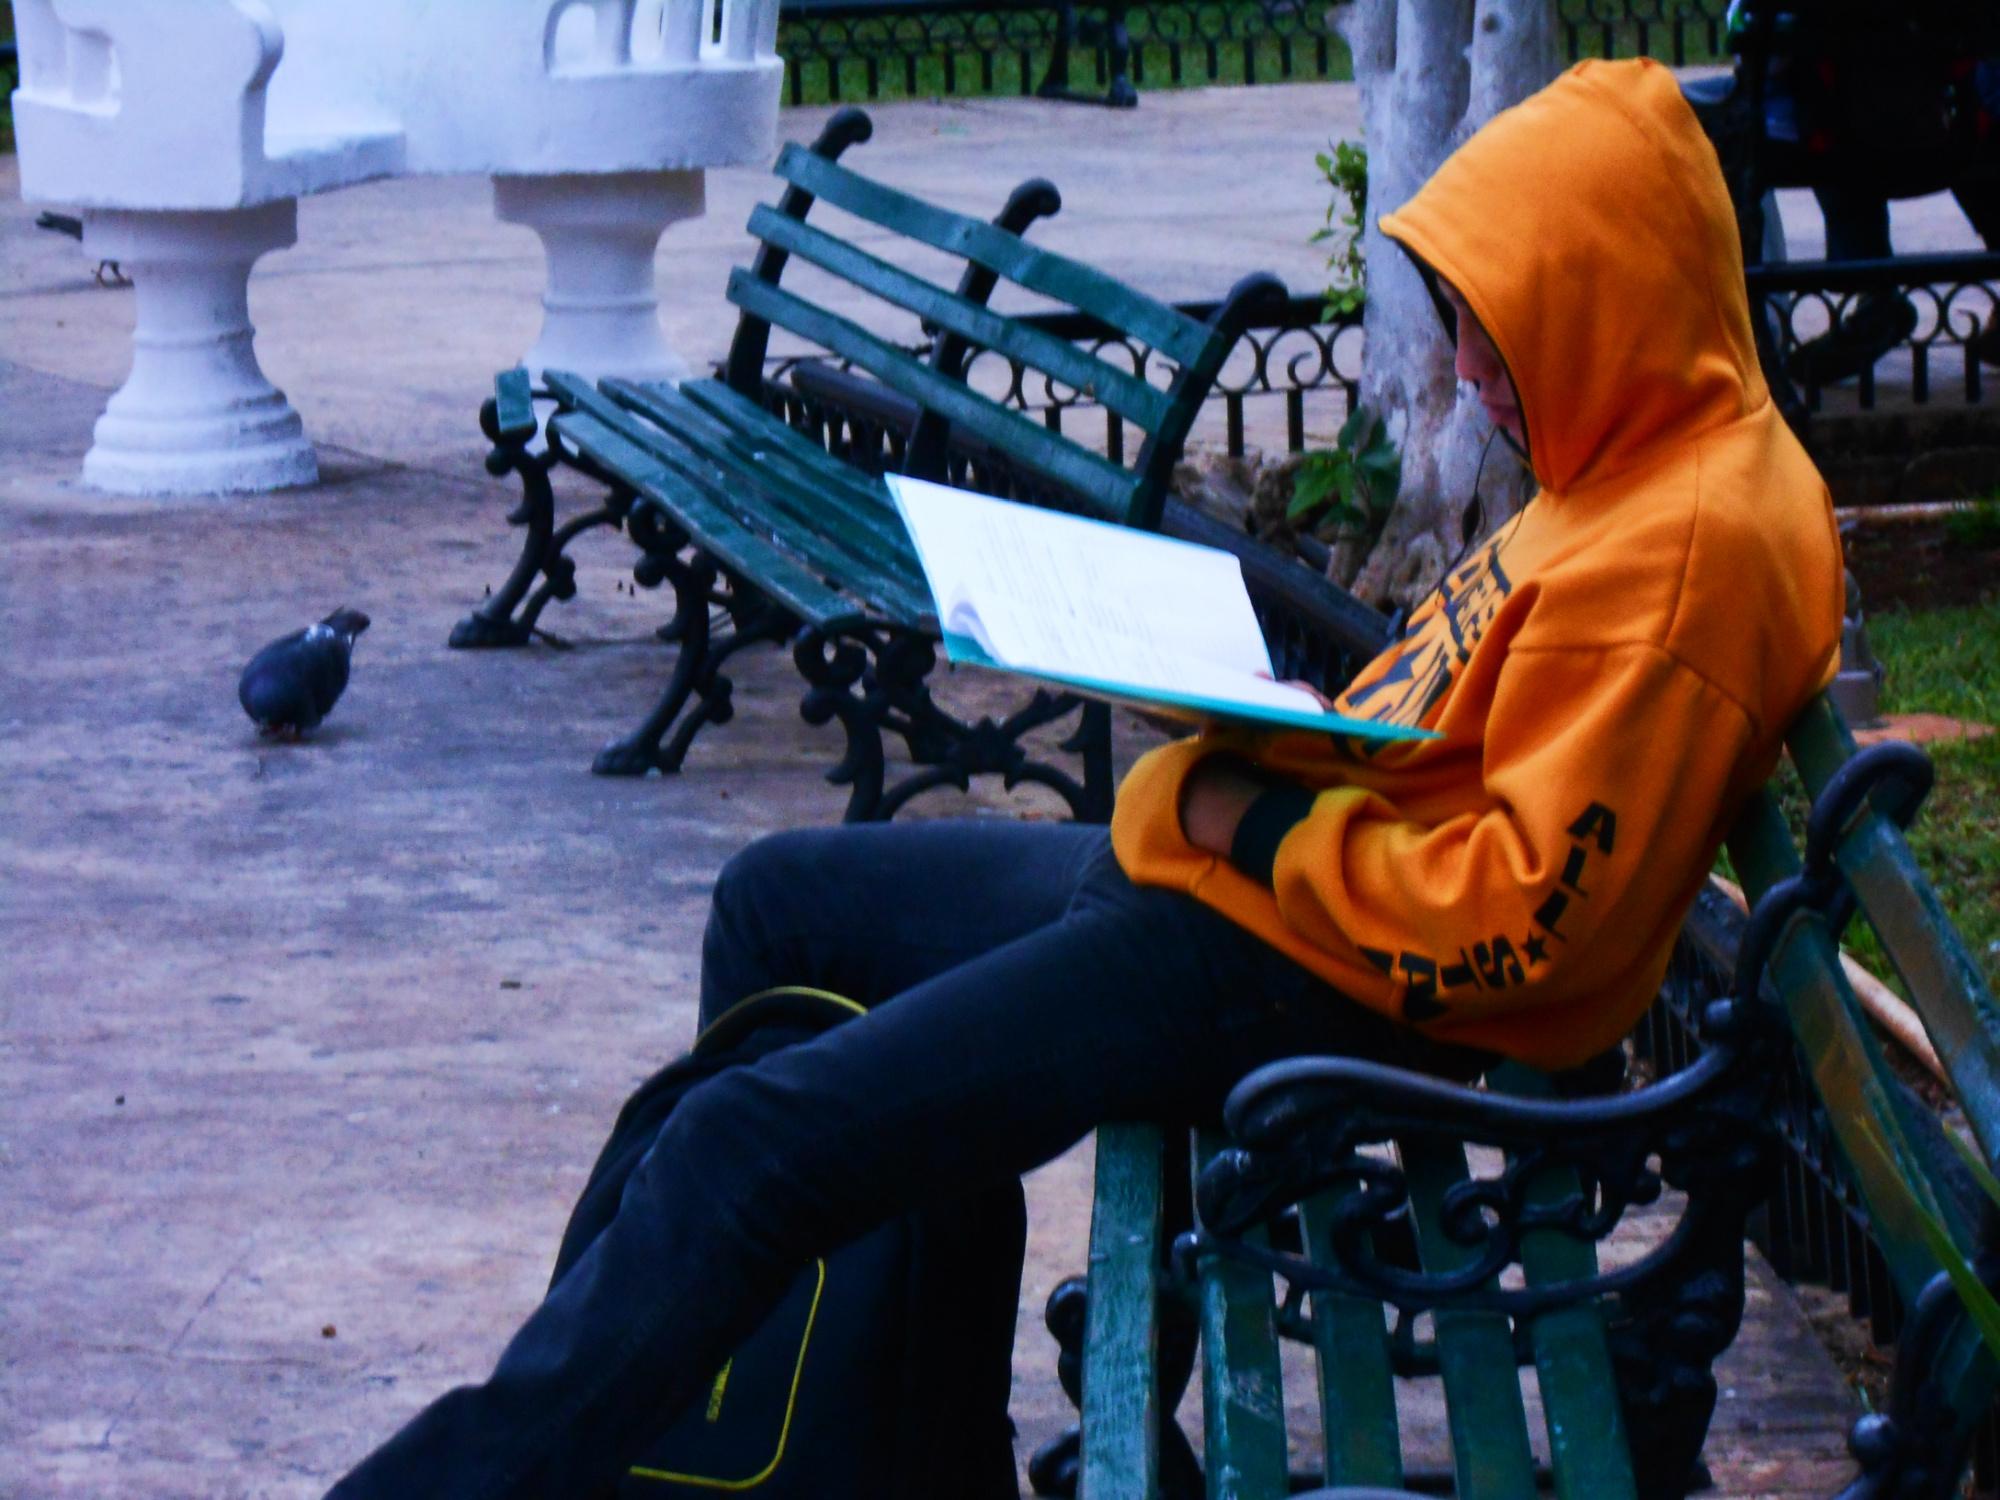 Llega el frío este viernes a Yucatán: termómetro bajará a 10 grados (video)